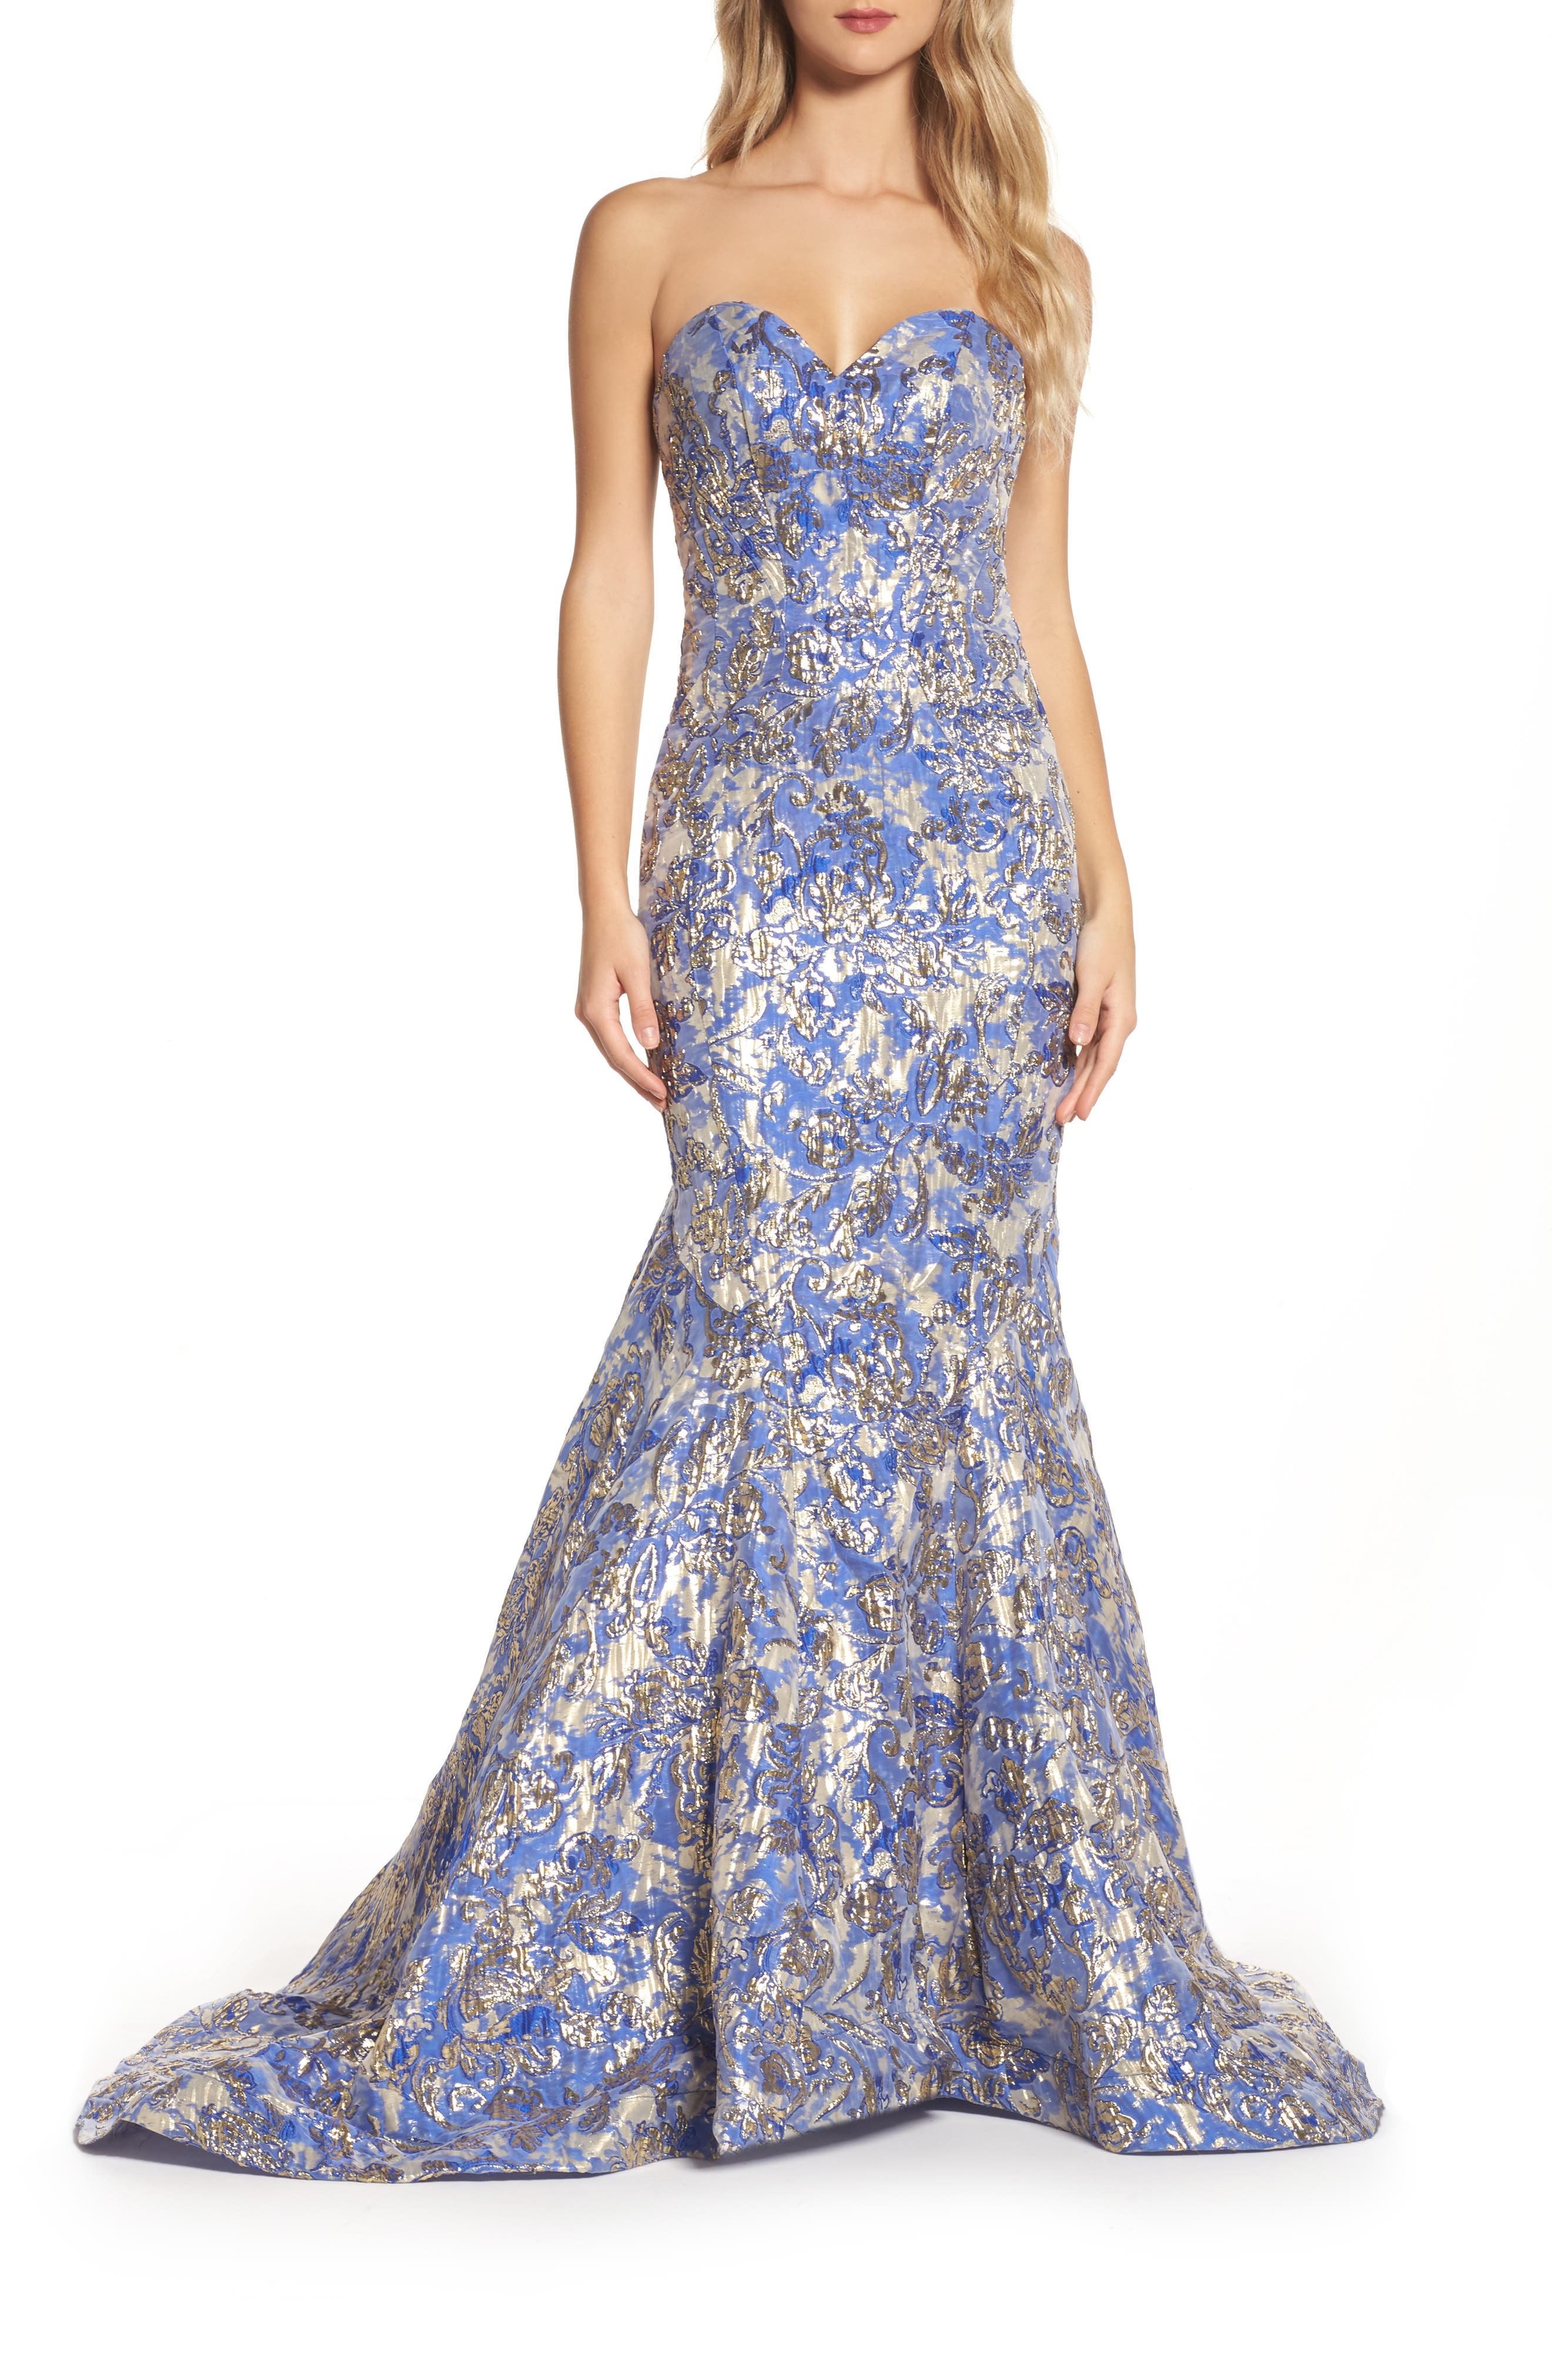 Alternate Image 1 Selected - Mac Duggal Metallic Jacquard Mermaid Gown